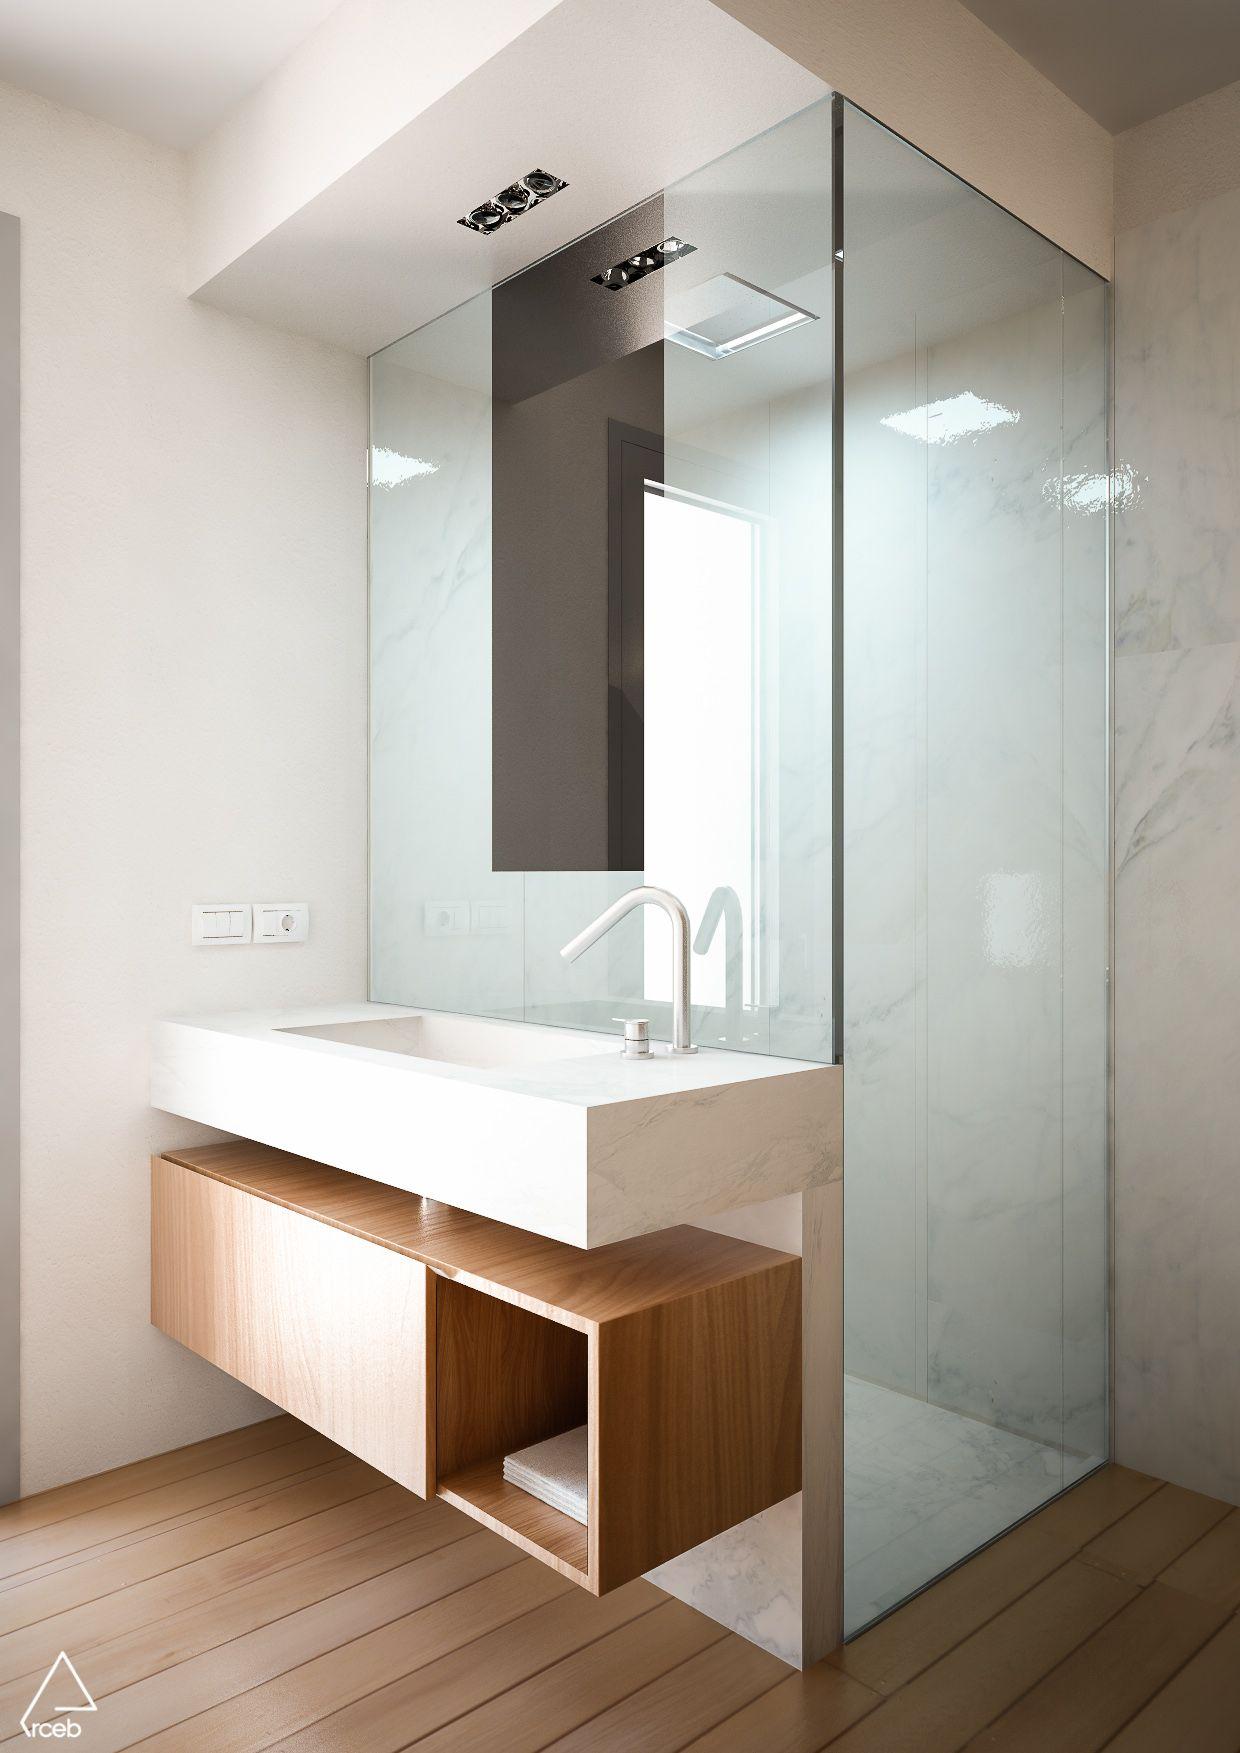 1960 badezimmer dekor cocoon bathroom design inspiration  modern highend stainless steel